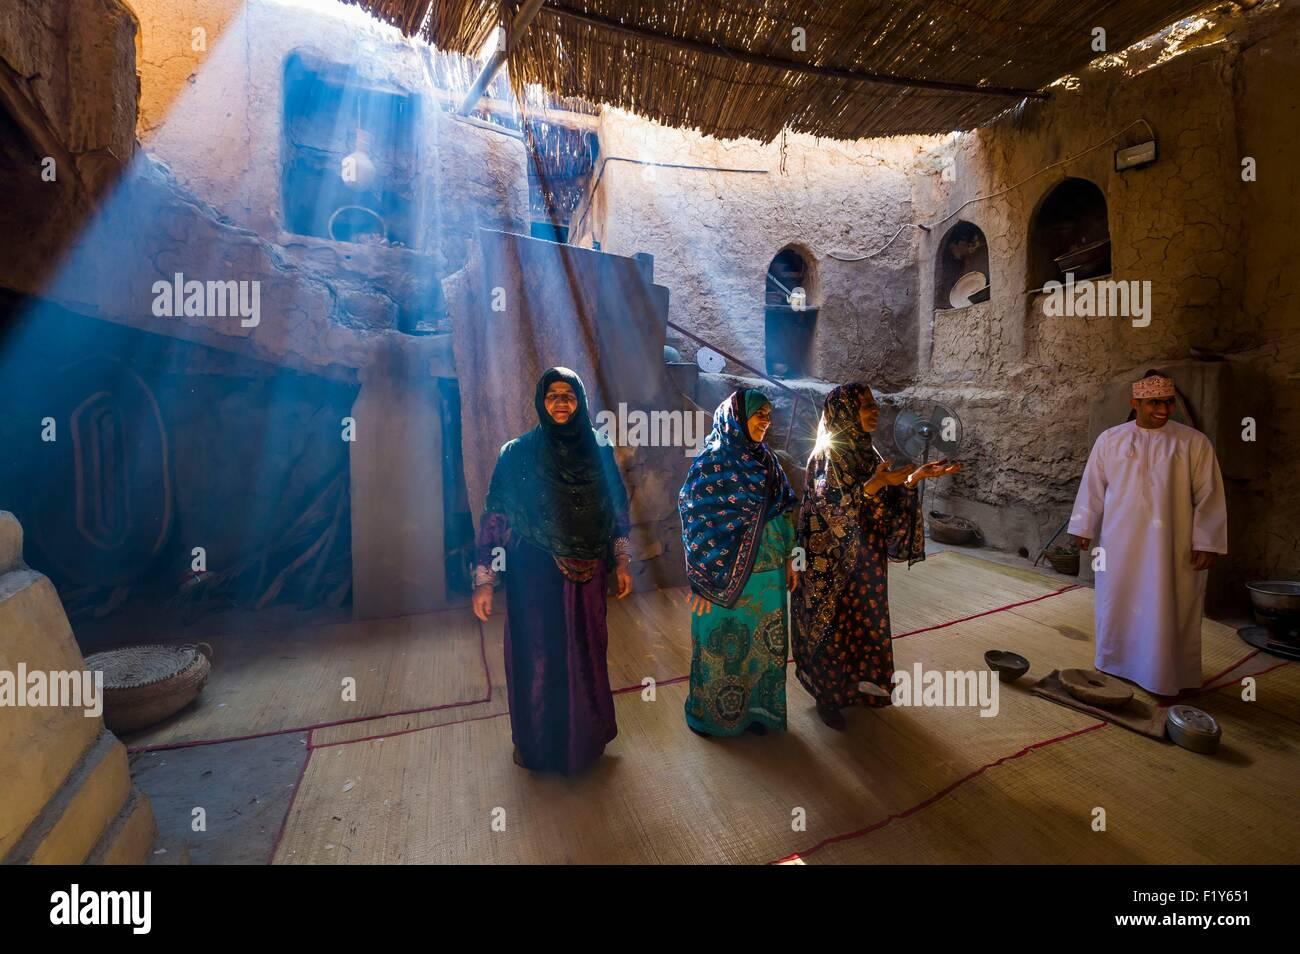 Omán, Djebel Shams, El Hamra, antiguo pueblo y Palm Grove, ecomuseo del cebo al Safah, baile y canto Imagen De Stock